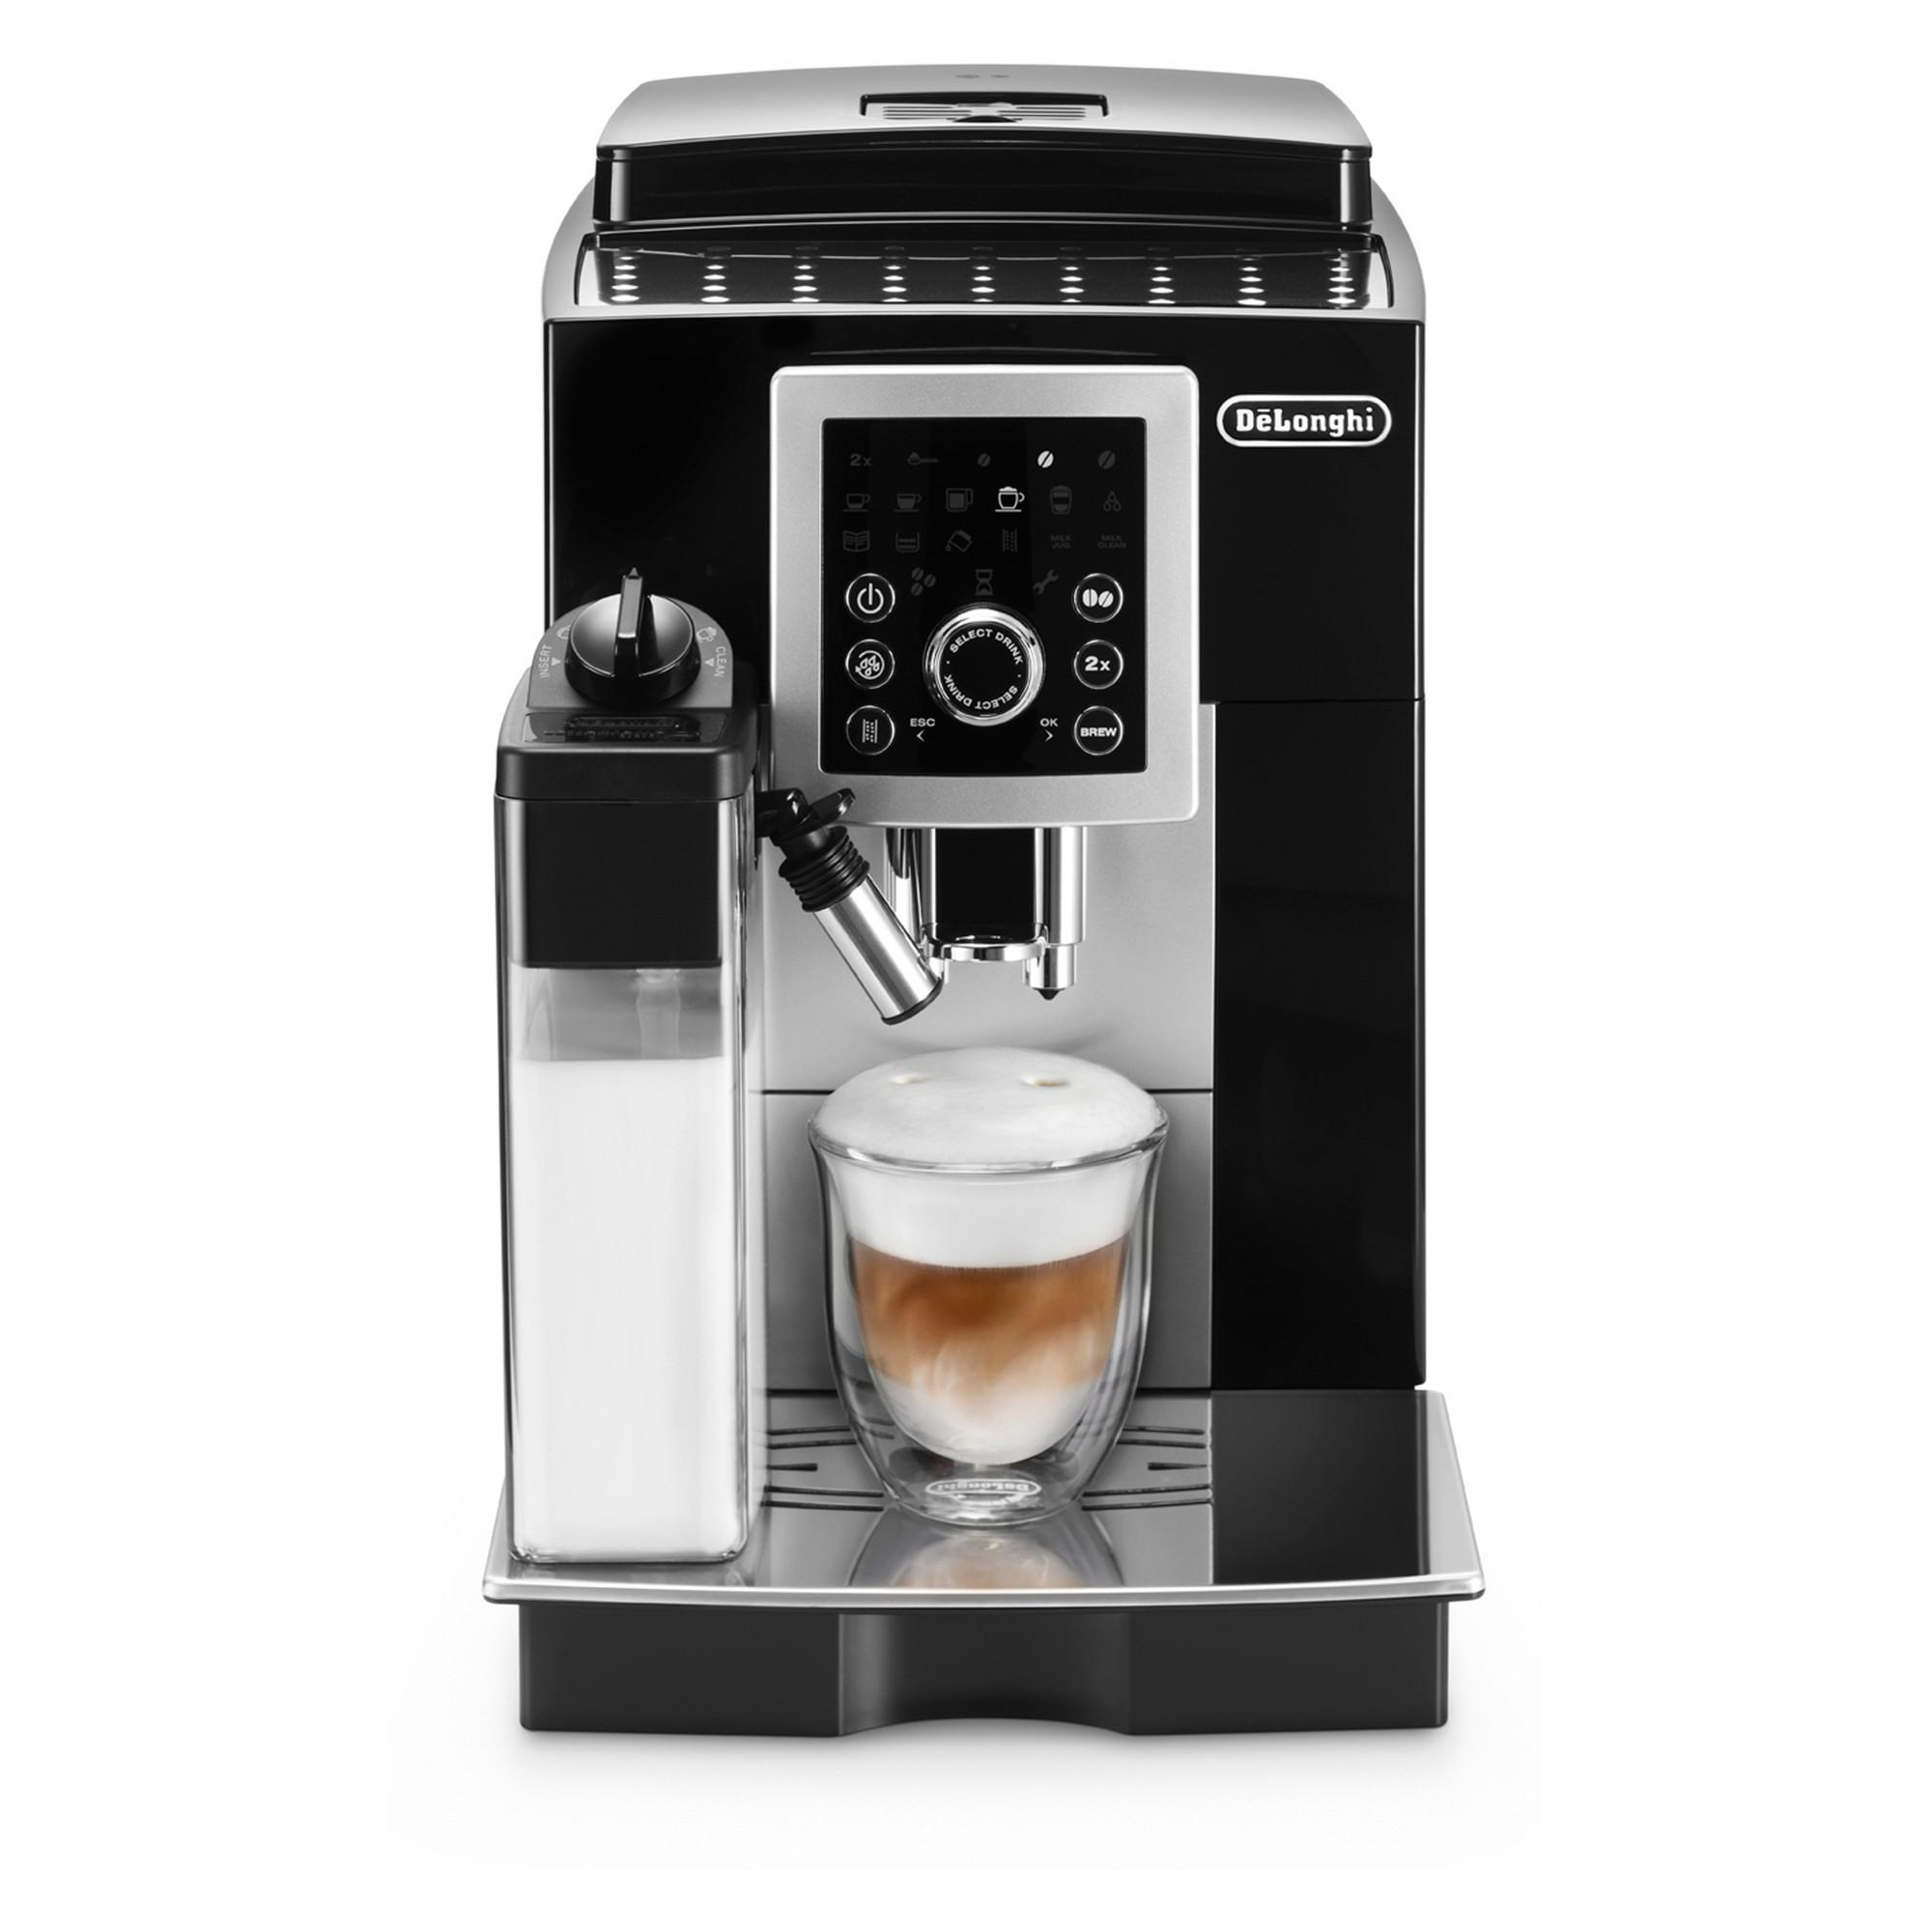 De'Longhi Smart Cappuccino Fully Automatic Coffee/Espresso